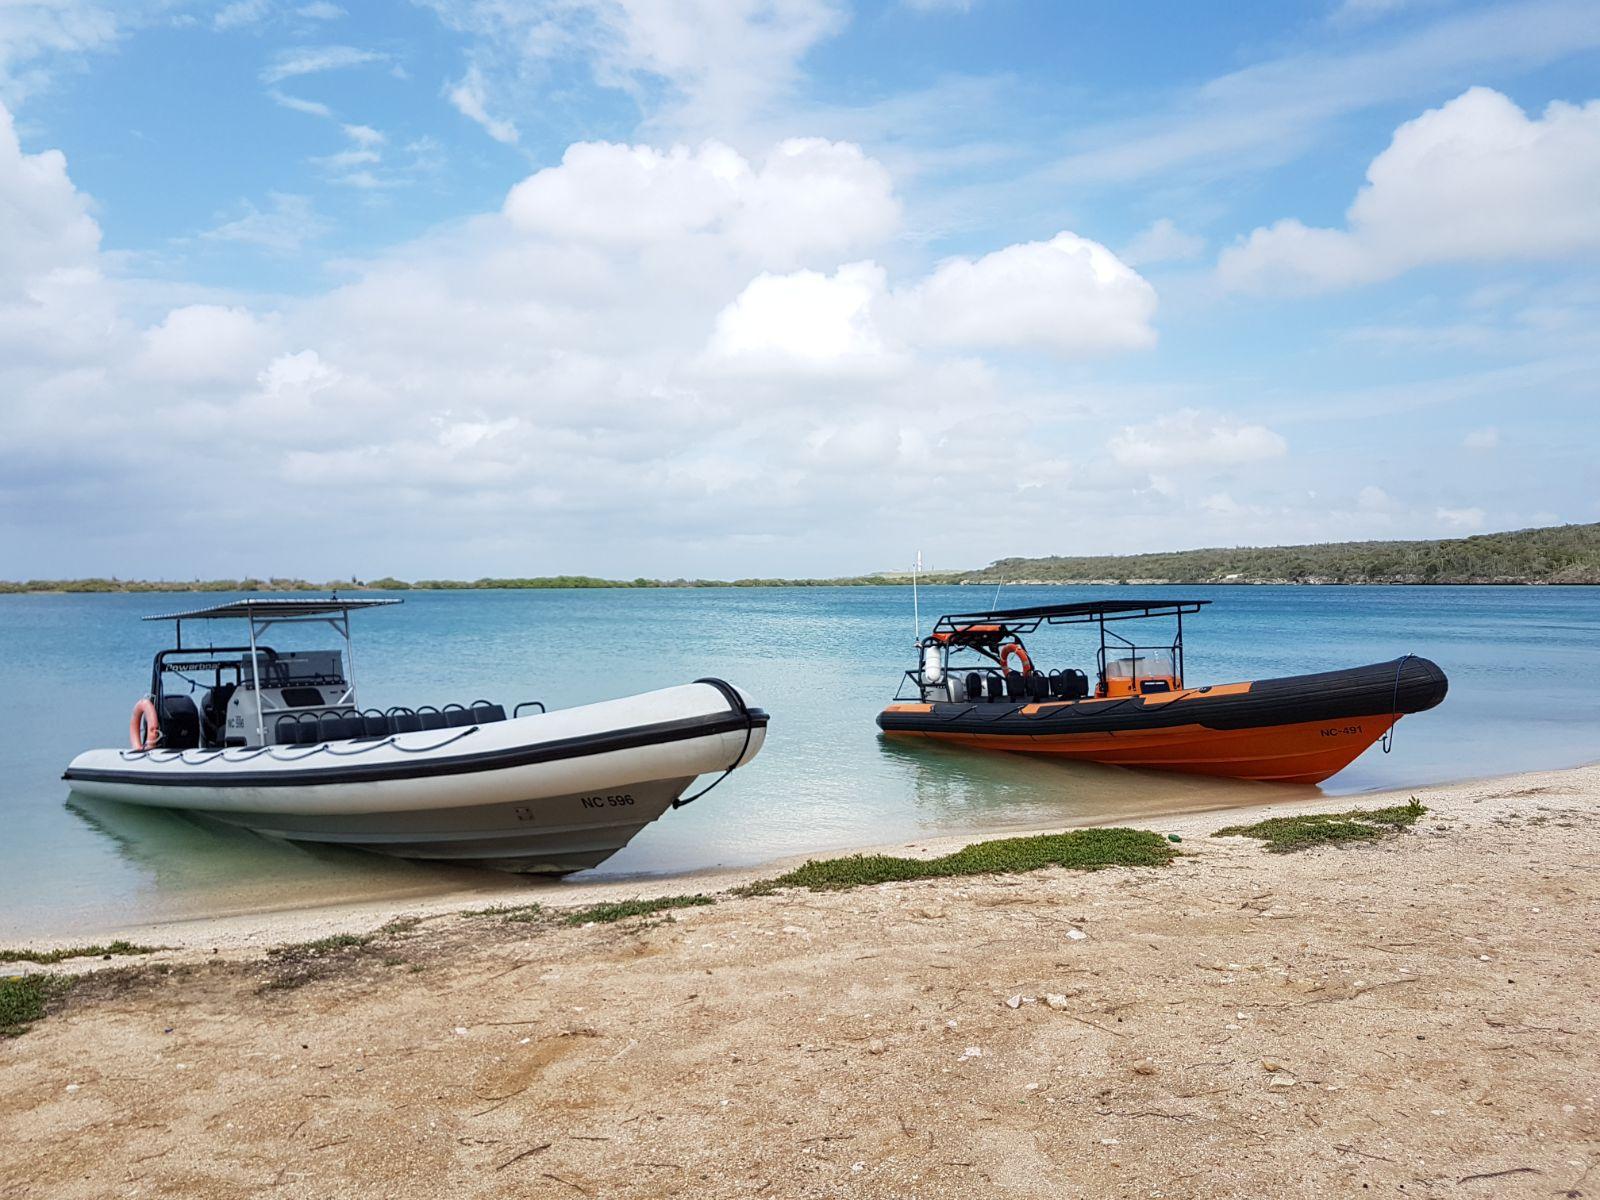 'The Beast' vs. 'The Flying Dutch': ontmoet de twee avonturen op het water!